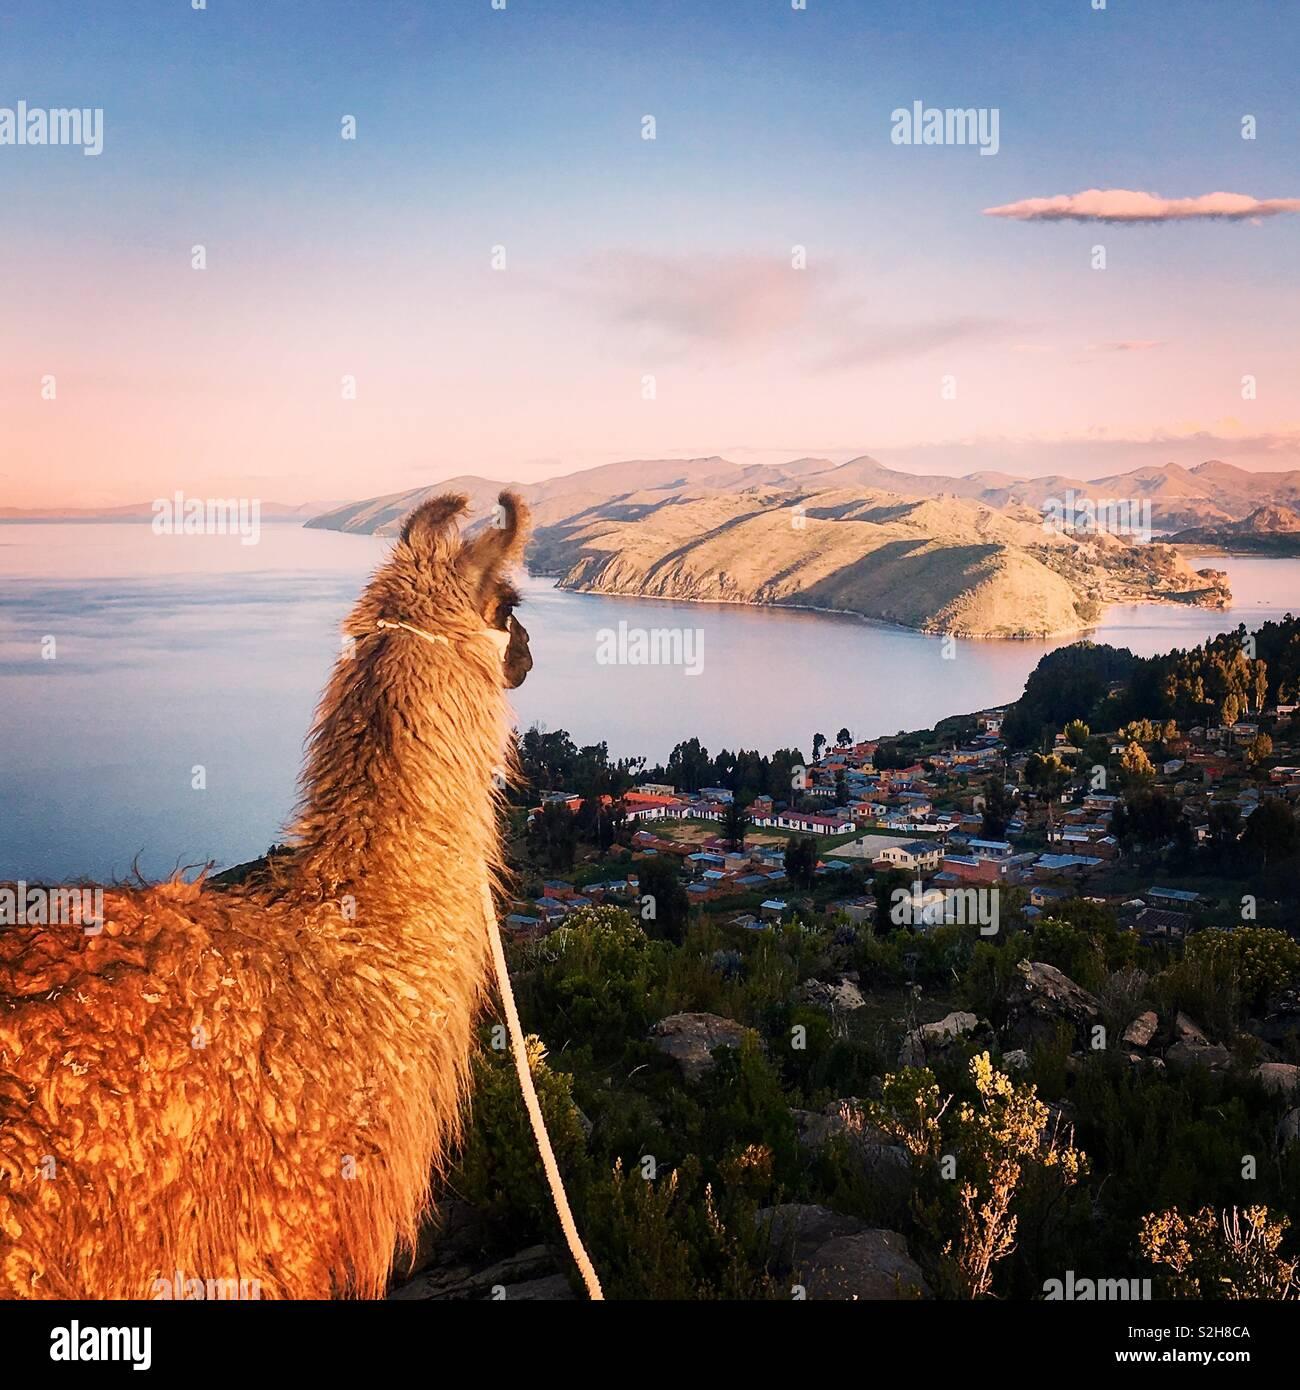 Llama a la Isla del Sol, con vistas al lago Titicaca, Bolivia Foto de stock